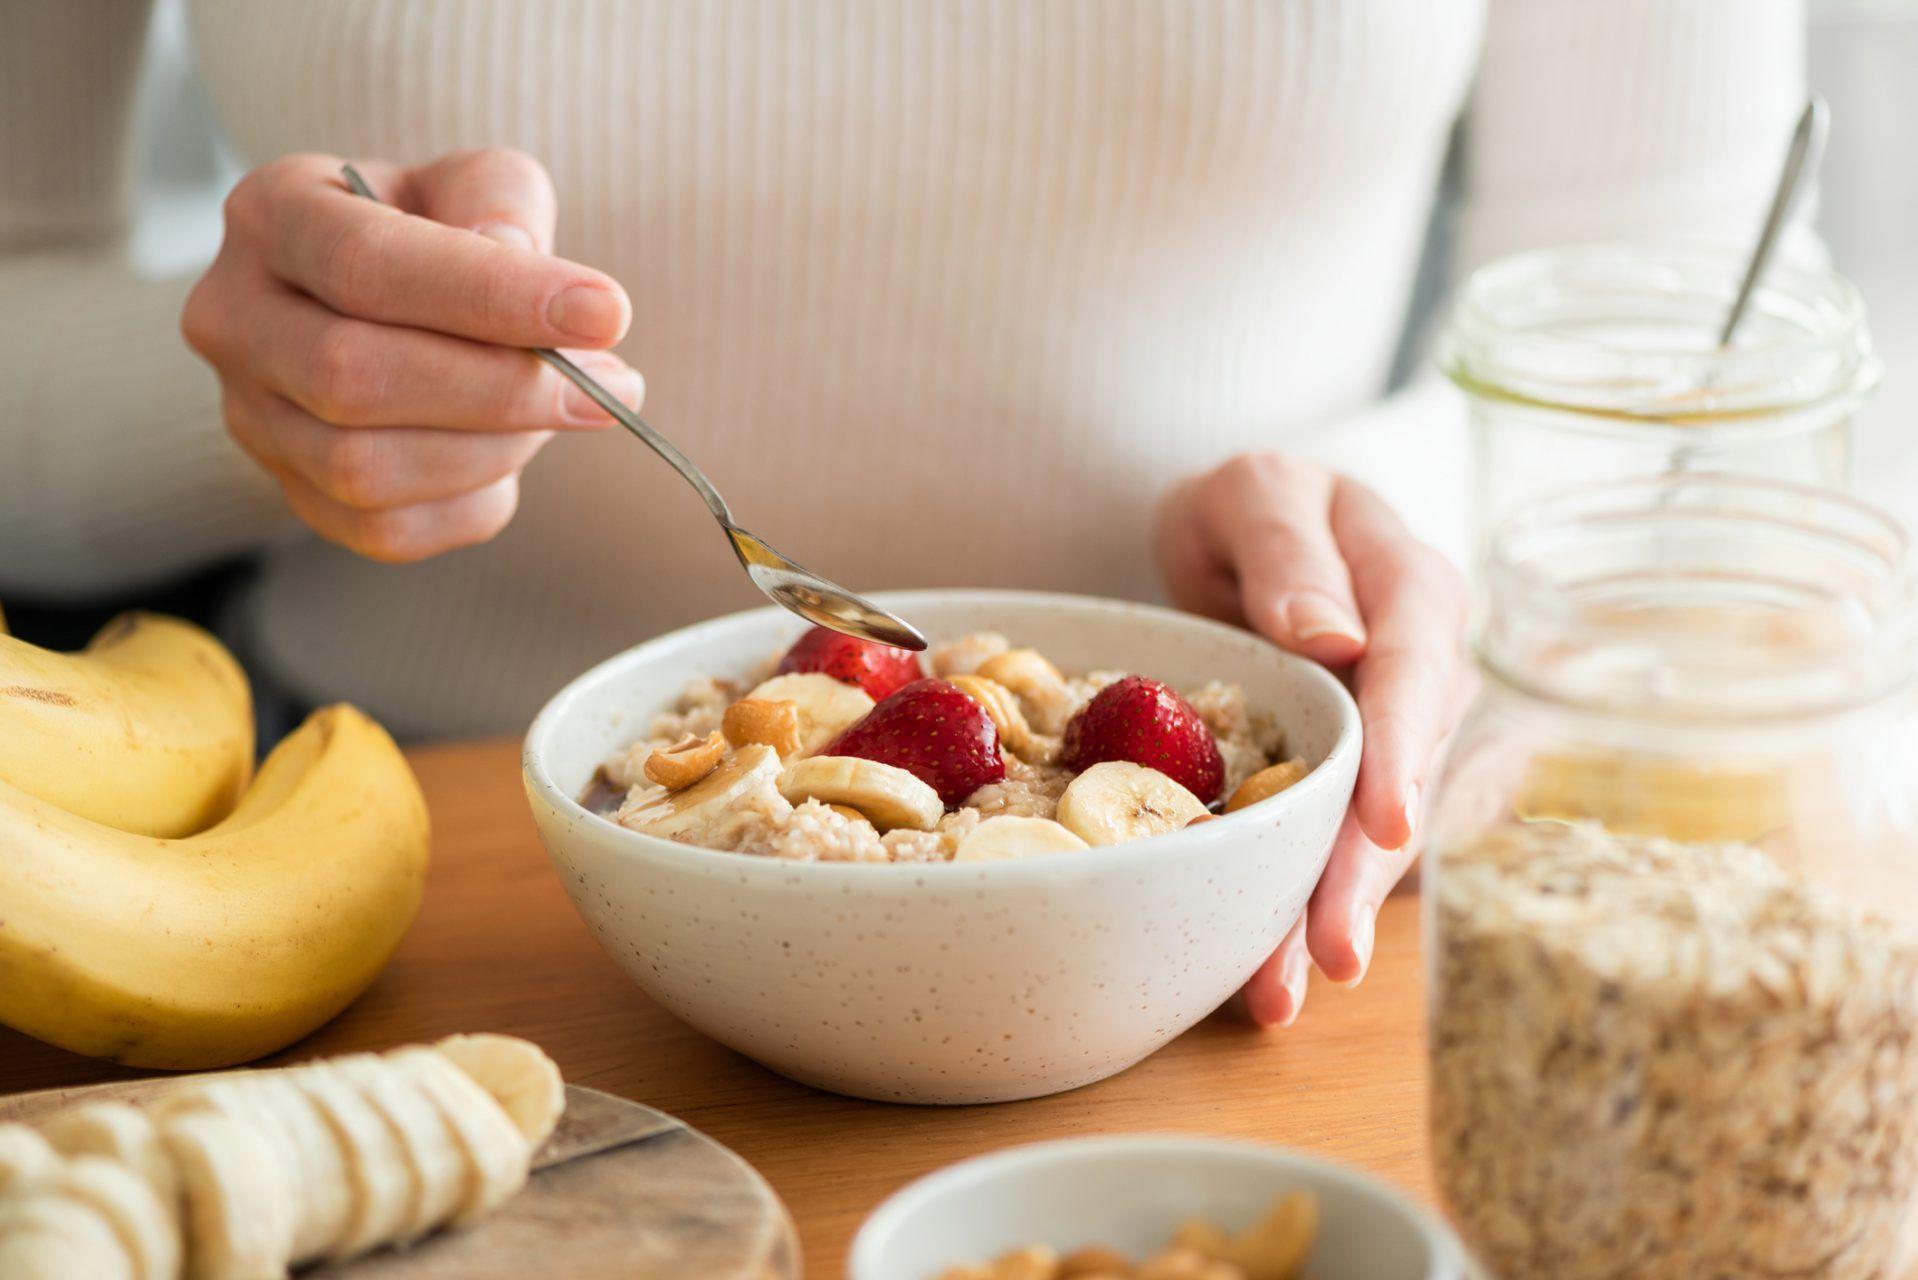 ¿Cómo alimentarse de forma consciente?